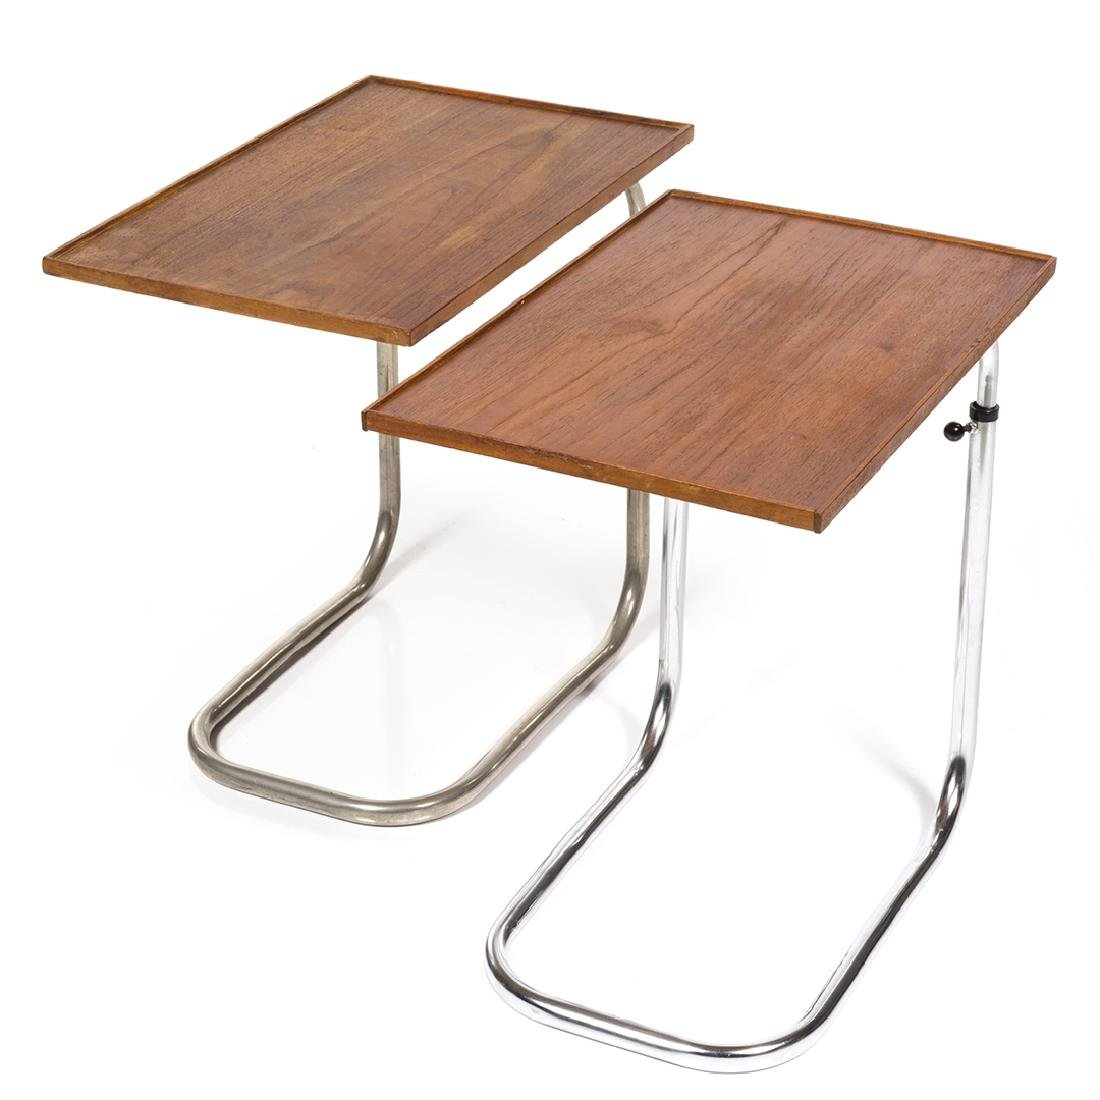 Adjustable Teak Tray Tables (2)